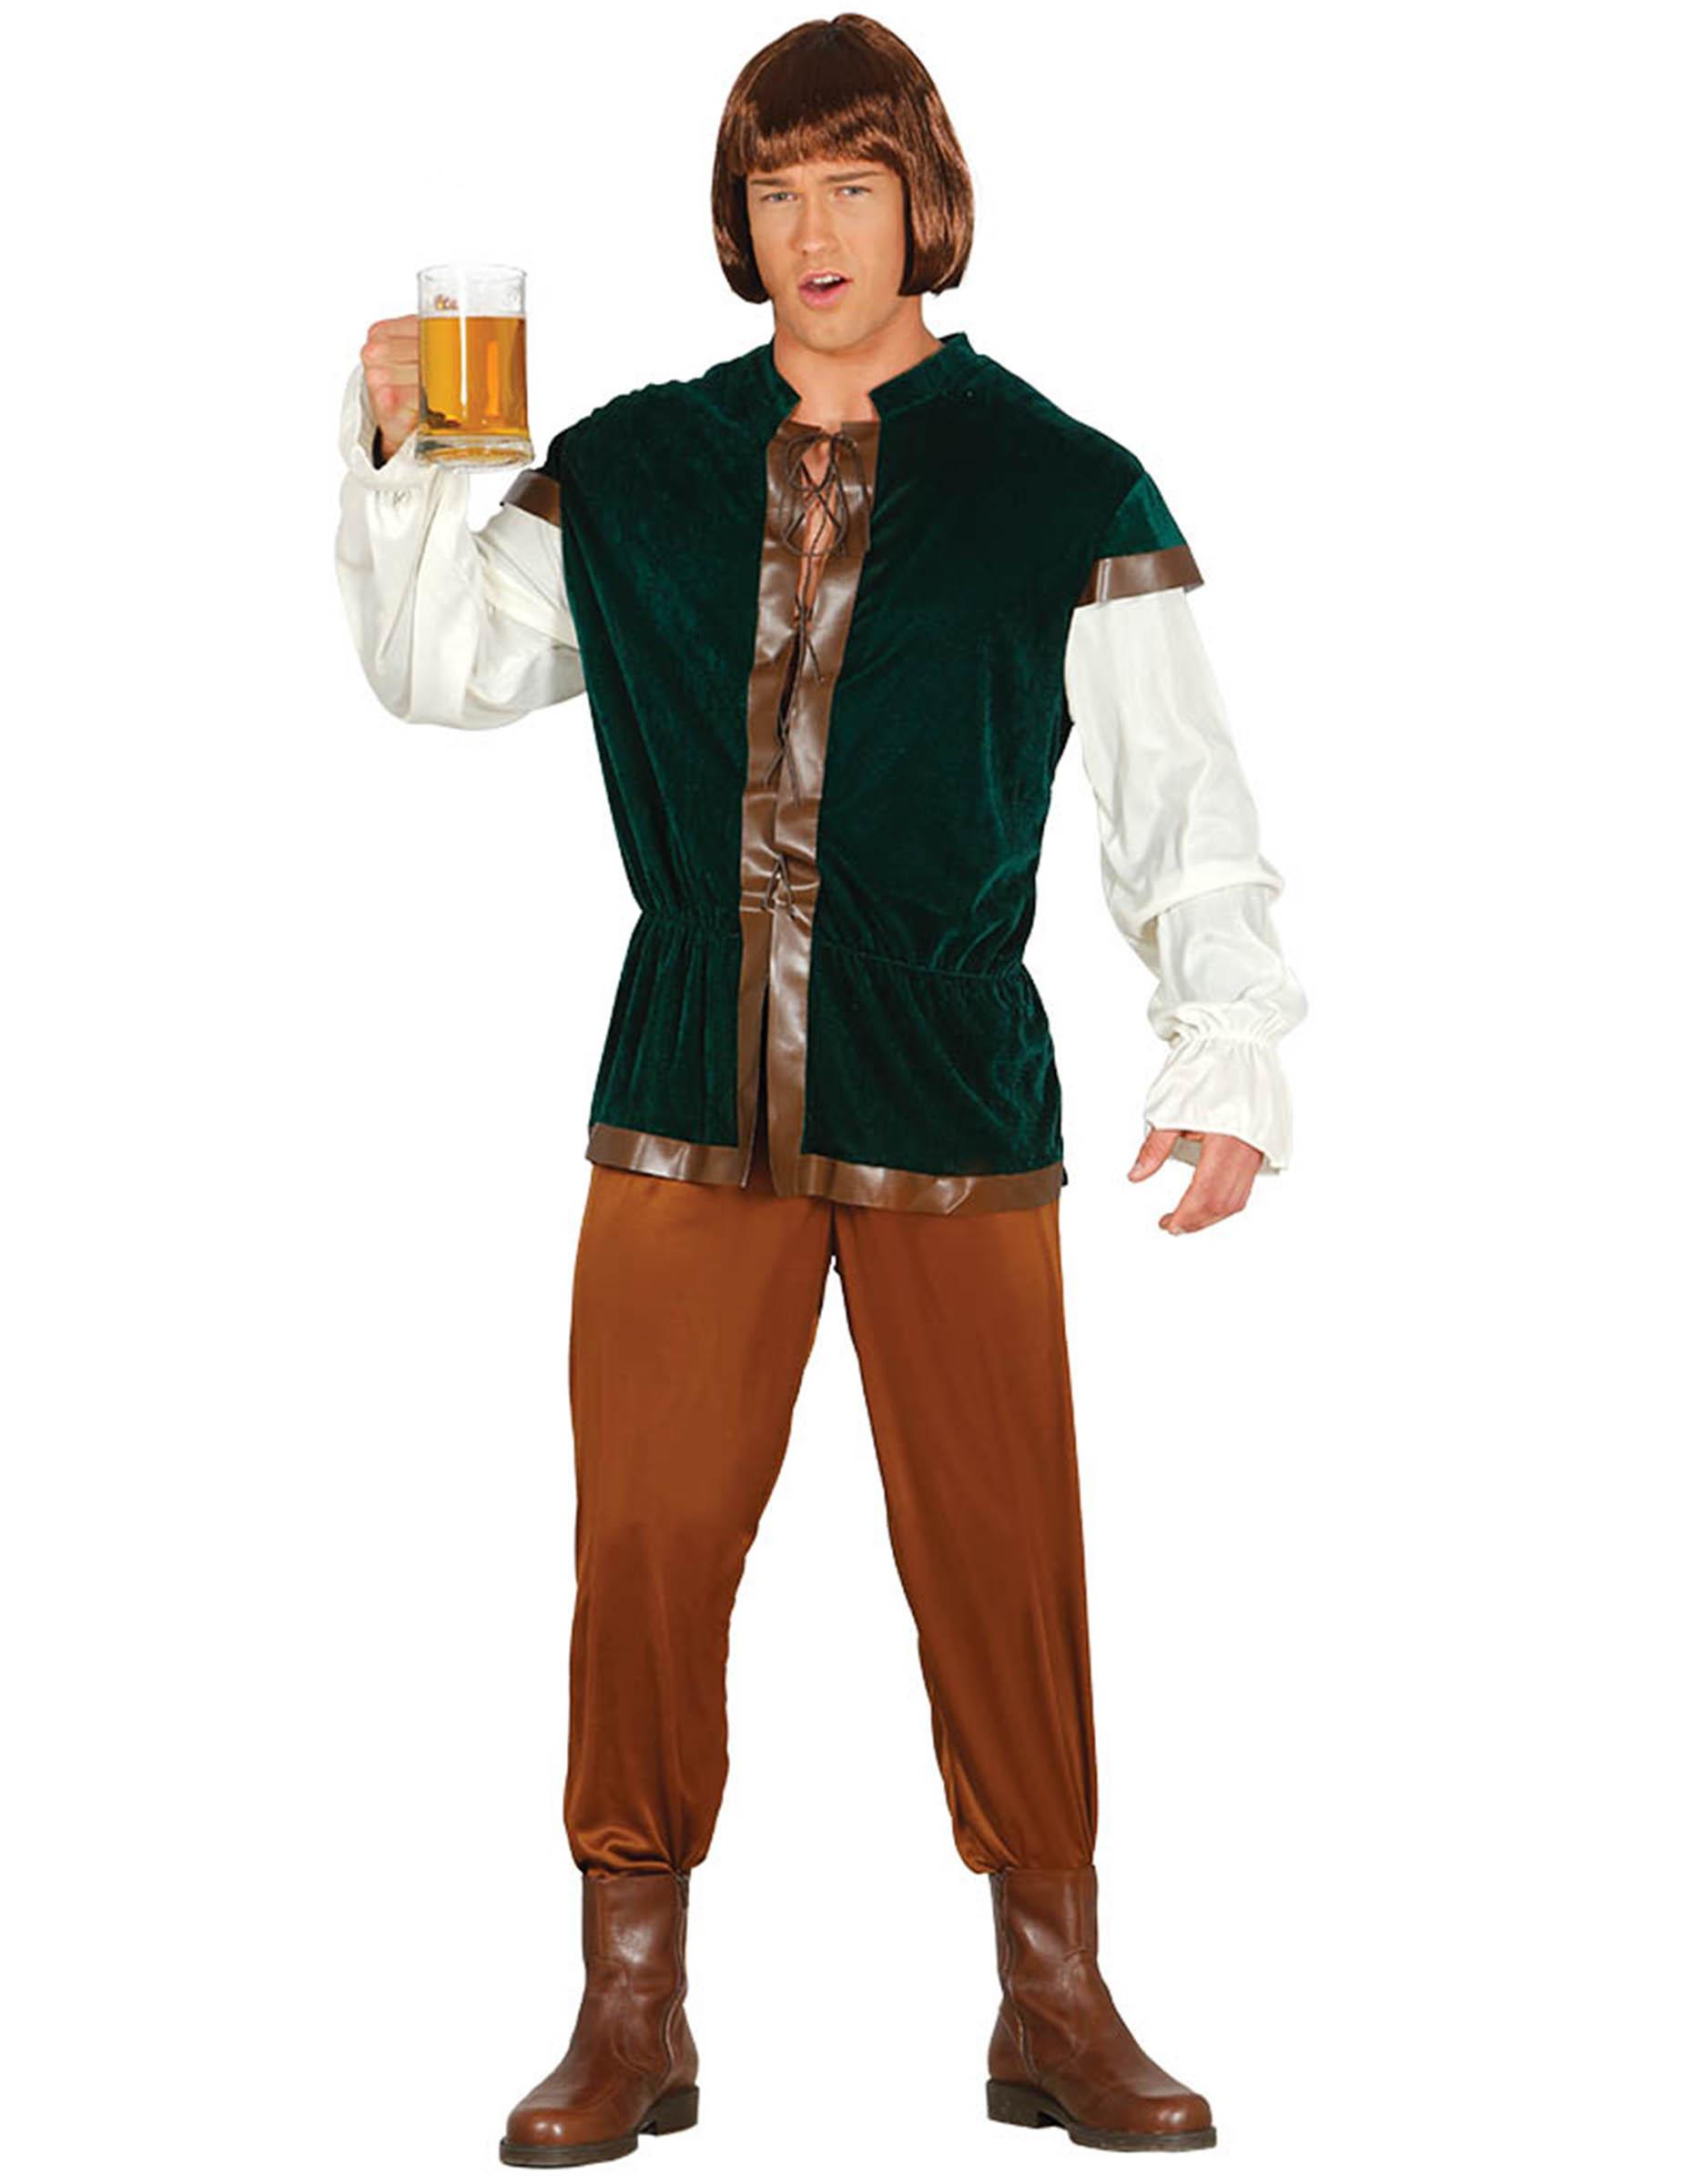 Vestito Matrimonio Uomo Verde : Vestito da oste medievale verde per uomo costumi adulti e